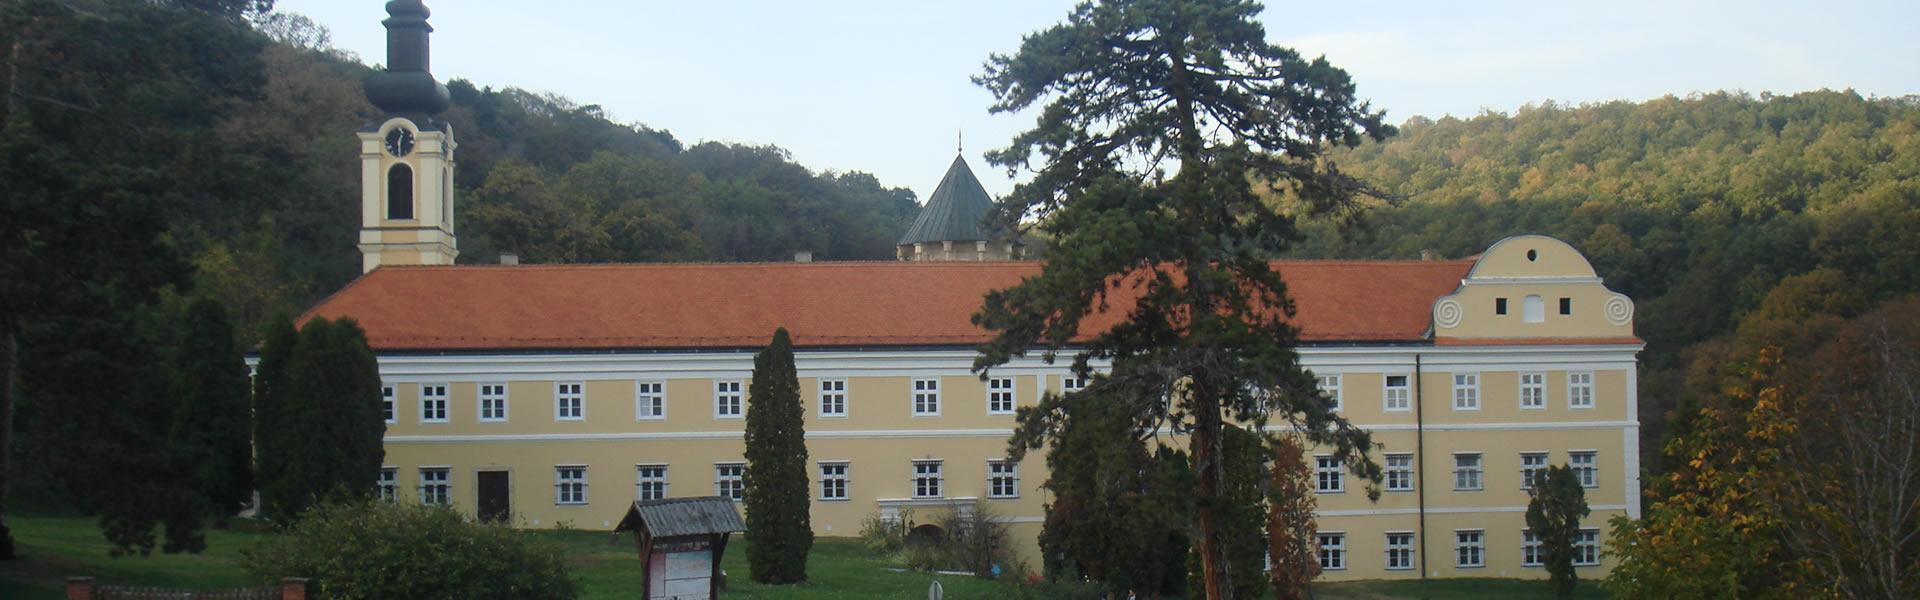 monasteres-fruska-gora-serbie